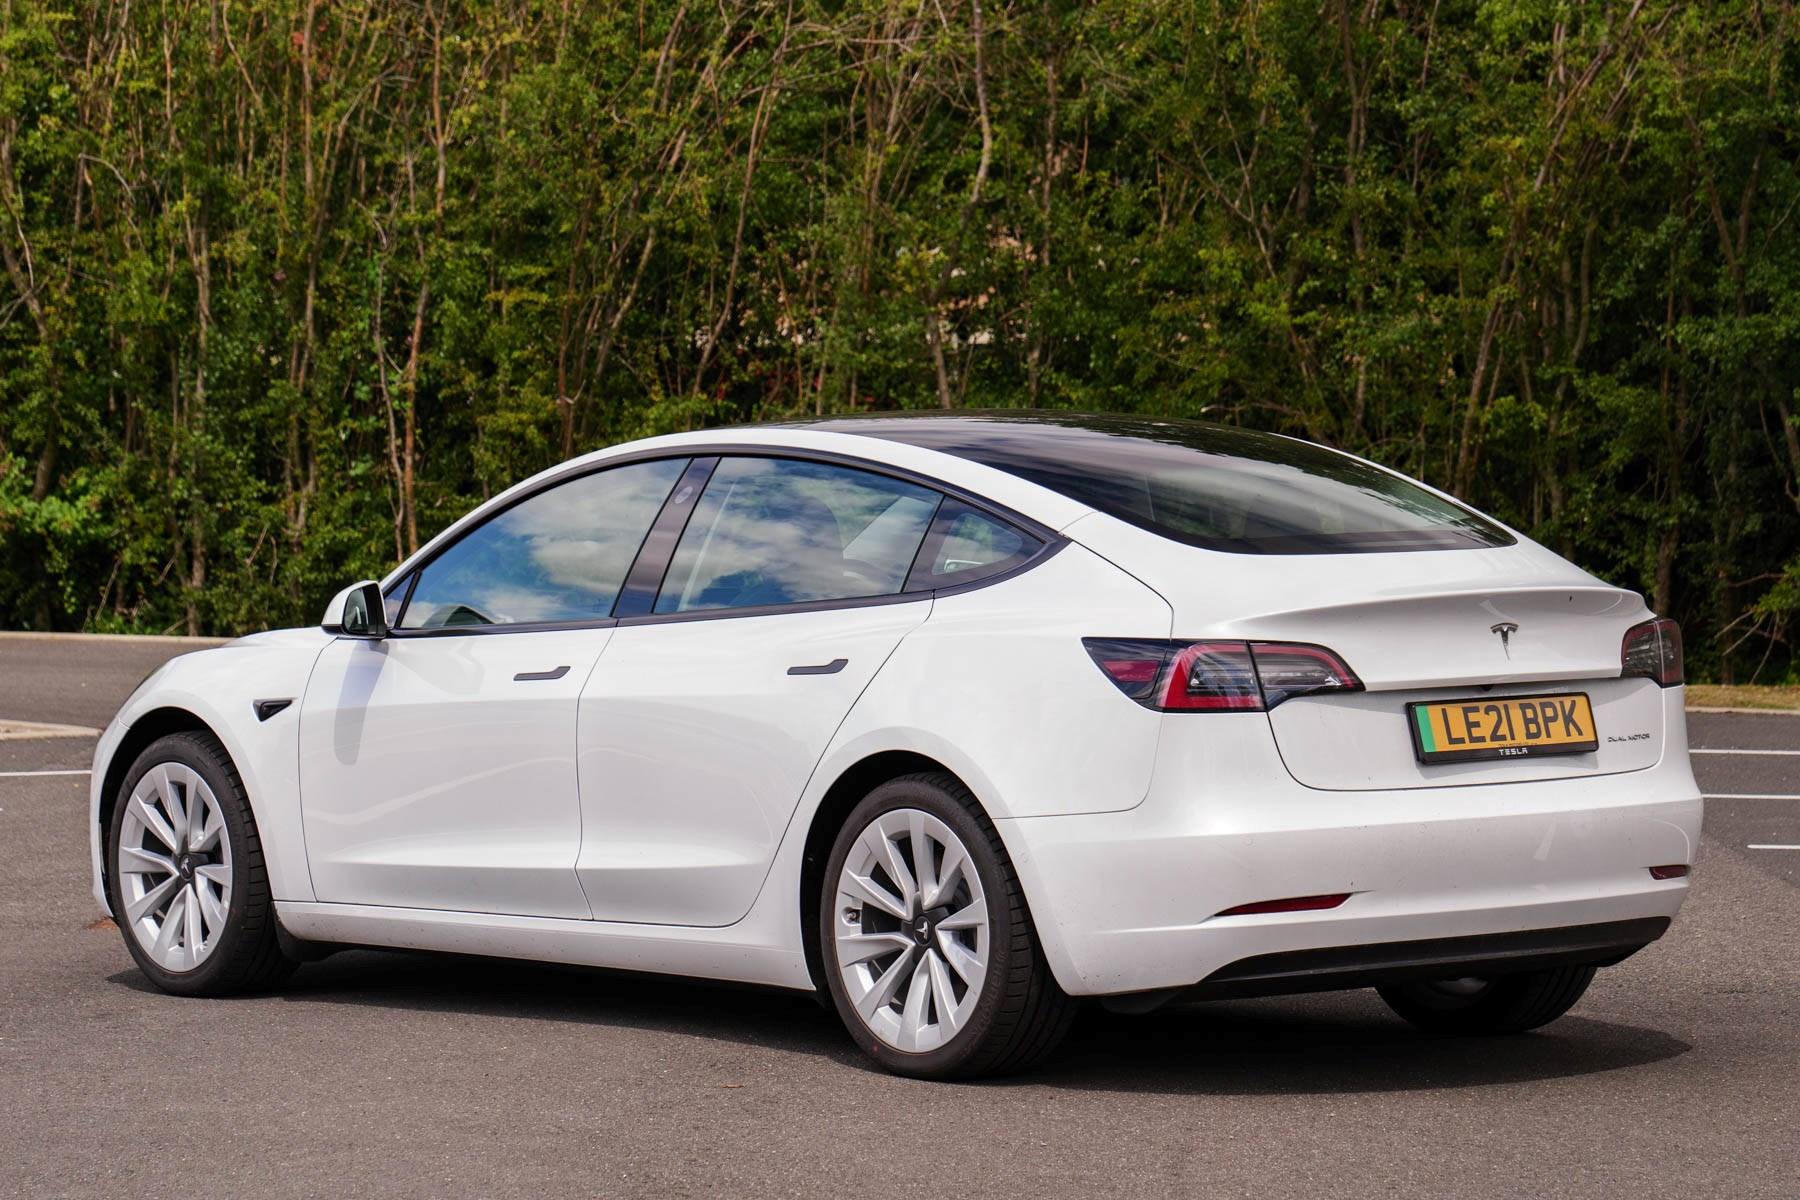 Tesla Model 3 UK rear view